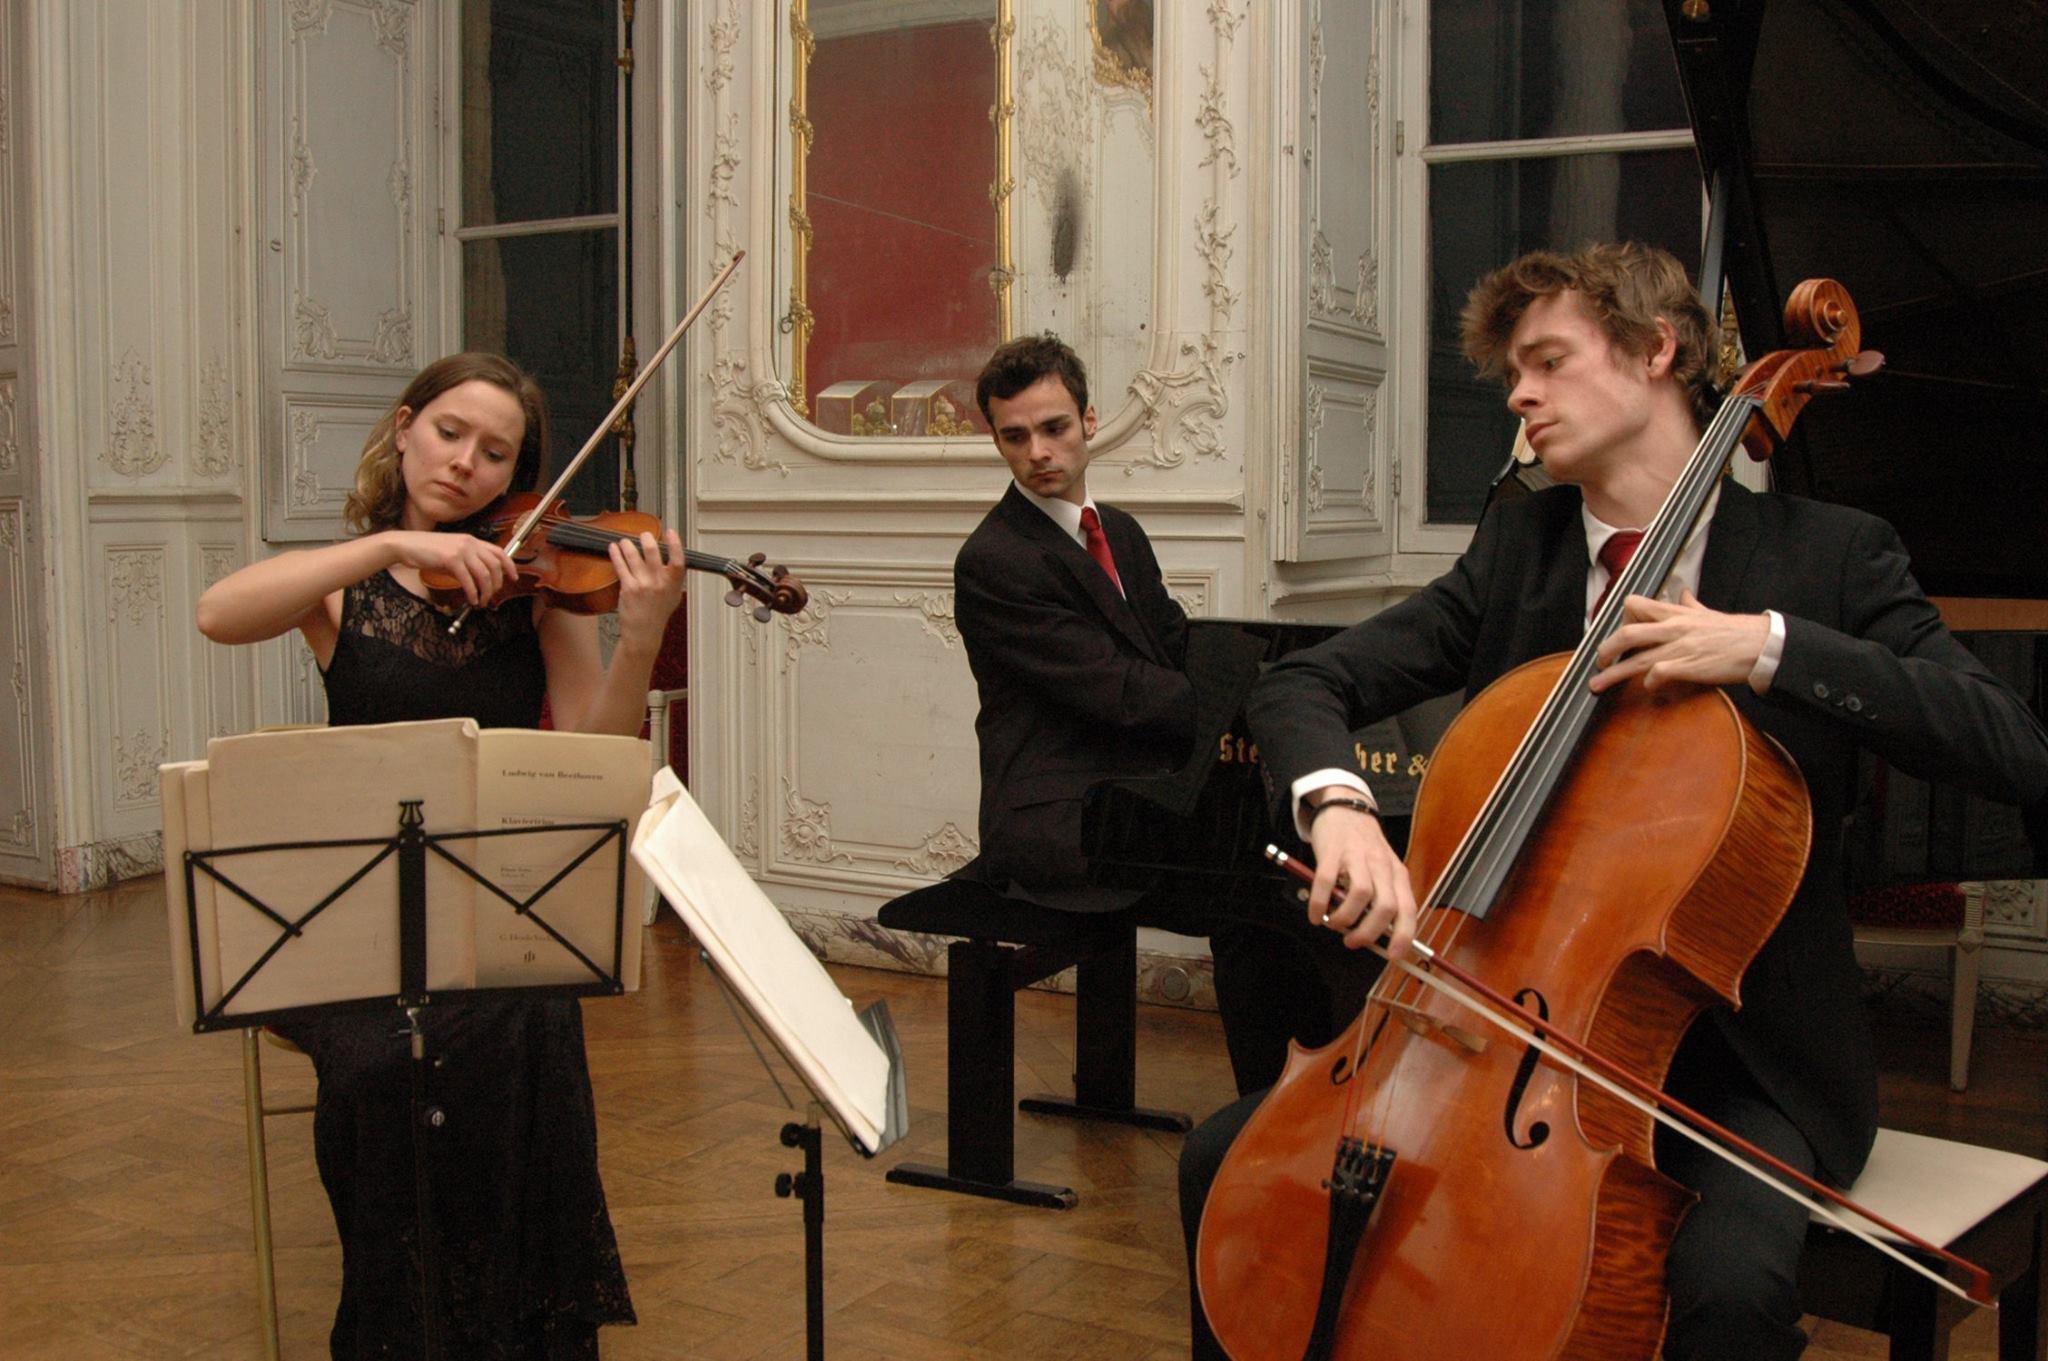 Cc : Meghdad Shamsolvaezin  Jeunes Talents / Hôtel de Soubise, Paris (France)